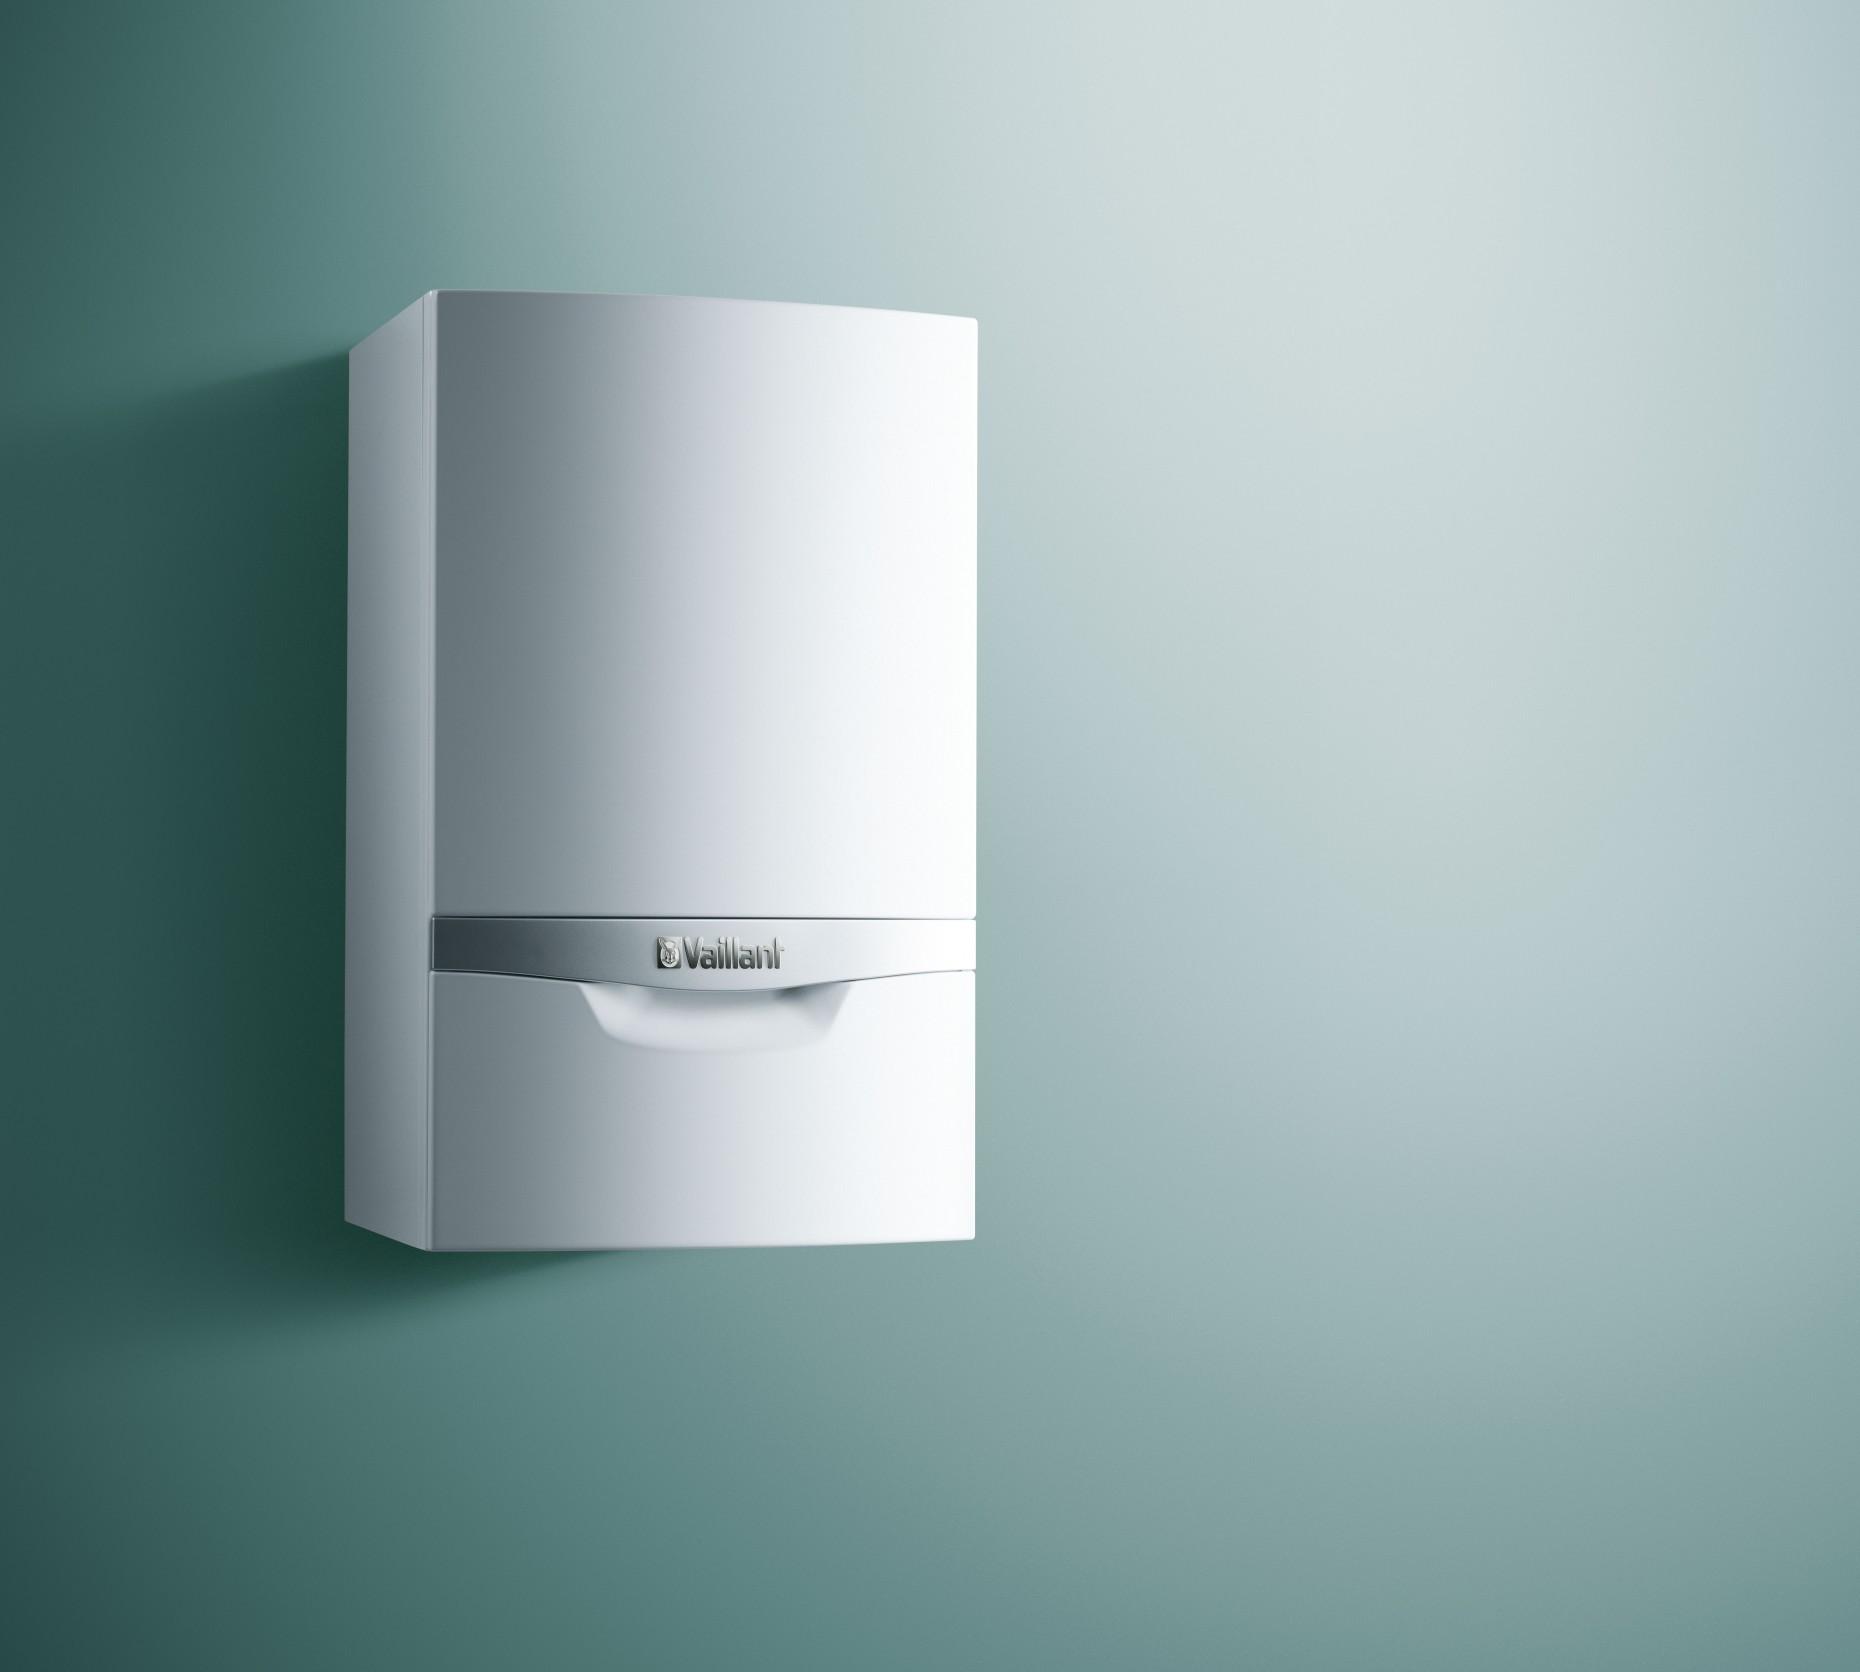 ecoBLOCK plus VMW con bollitore - Caldaia murale a condensazione con bollitore per riscaldamento ...